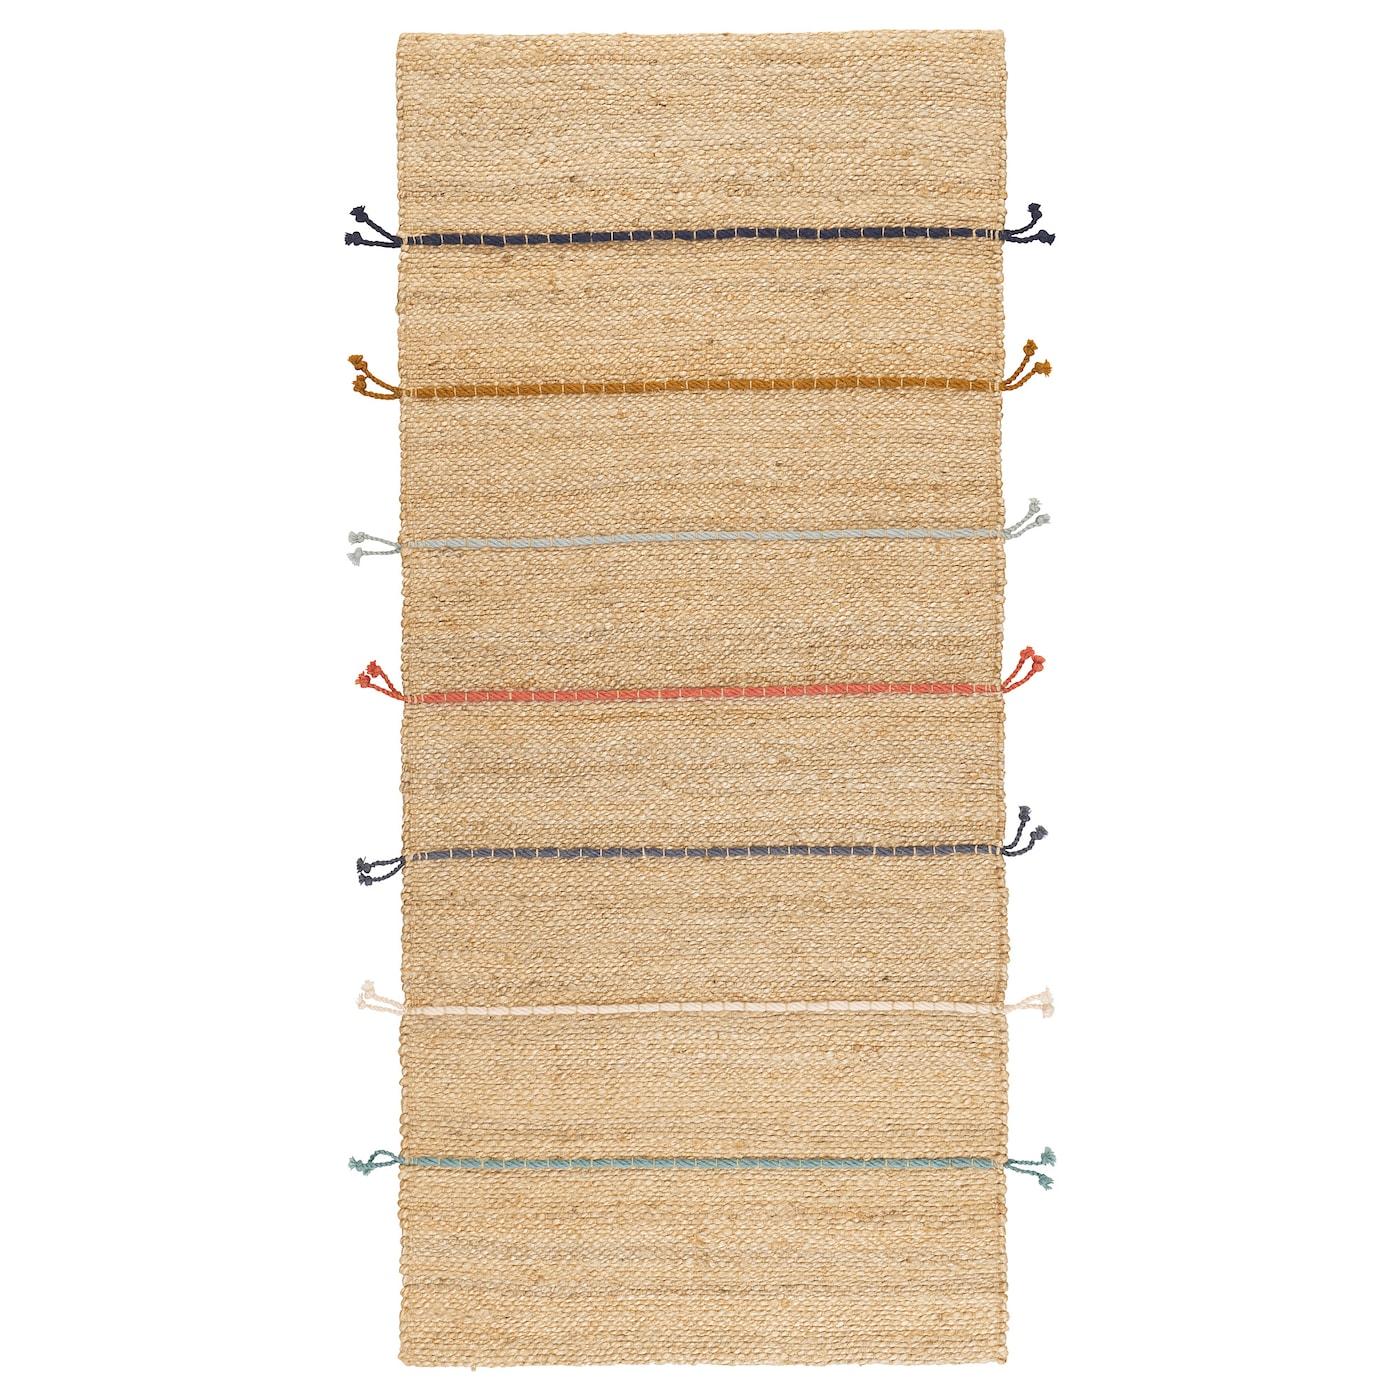 Lavare Tappeto Lana Ikea raklev tappeto, tessitura piatta - fatto a mano naturale, fantasia 70x160 cm